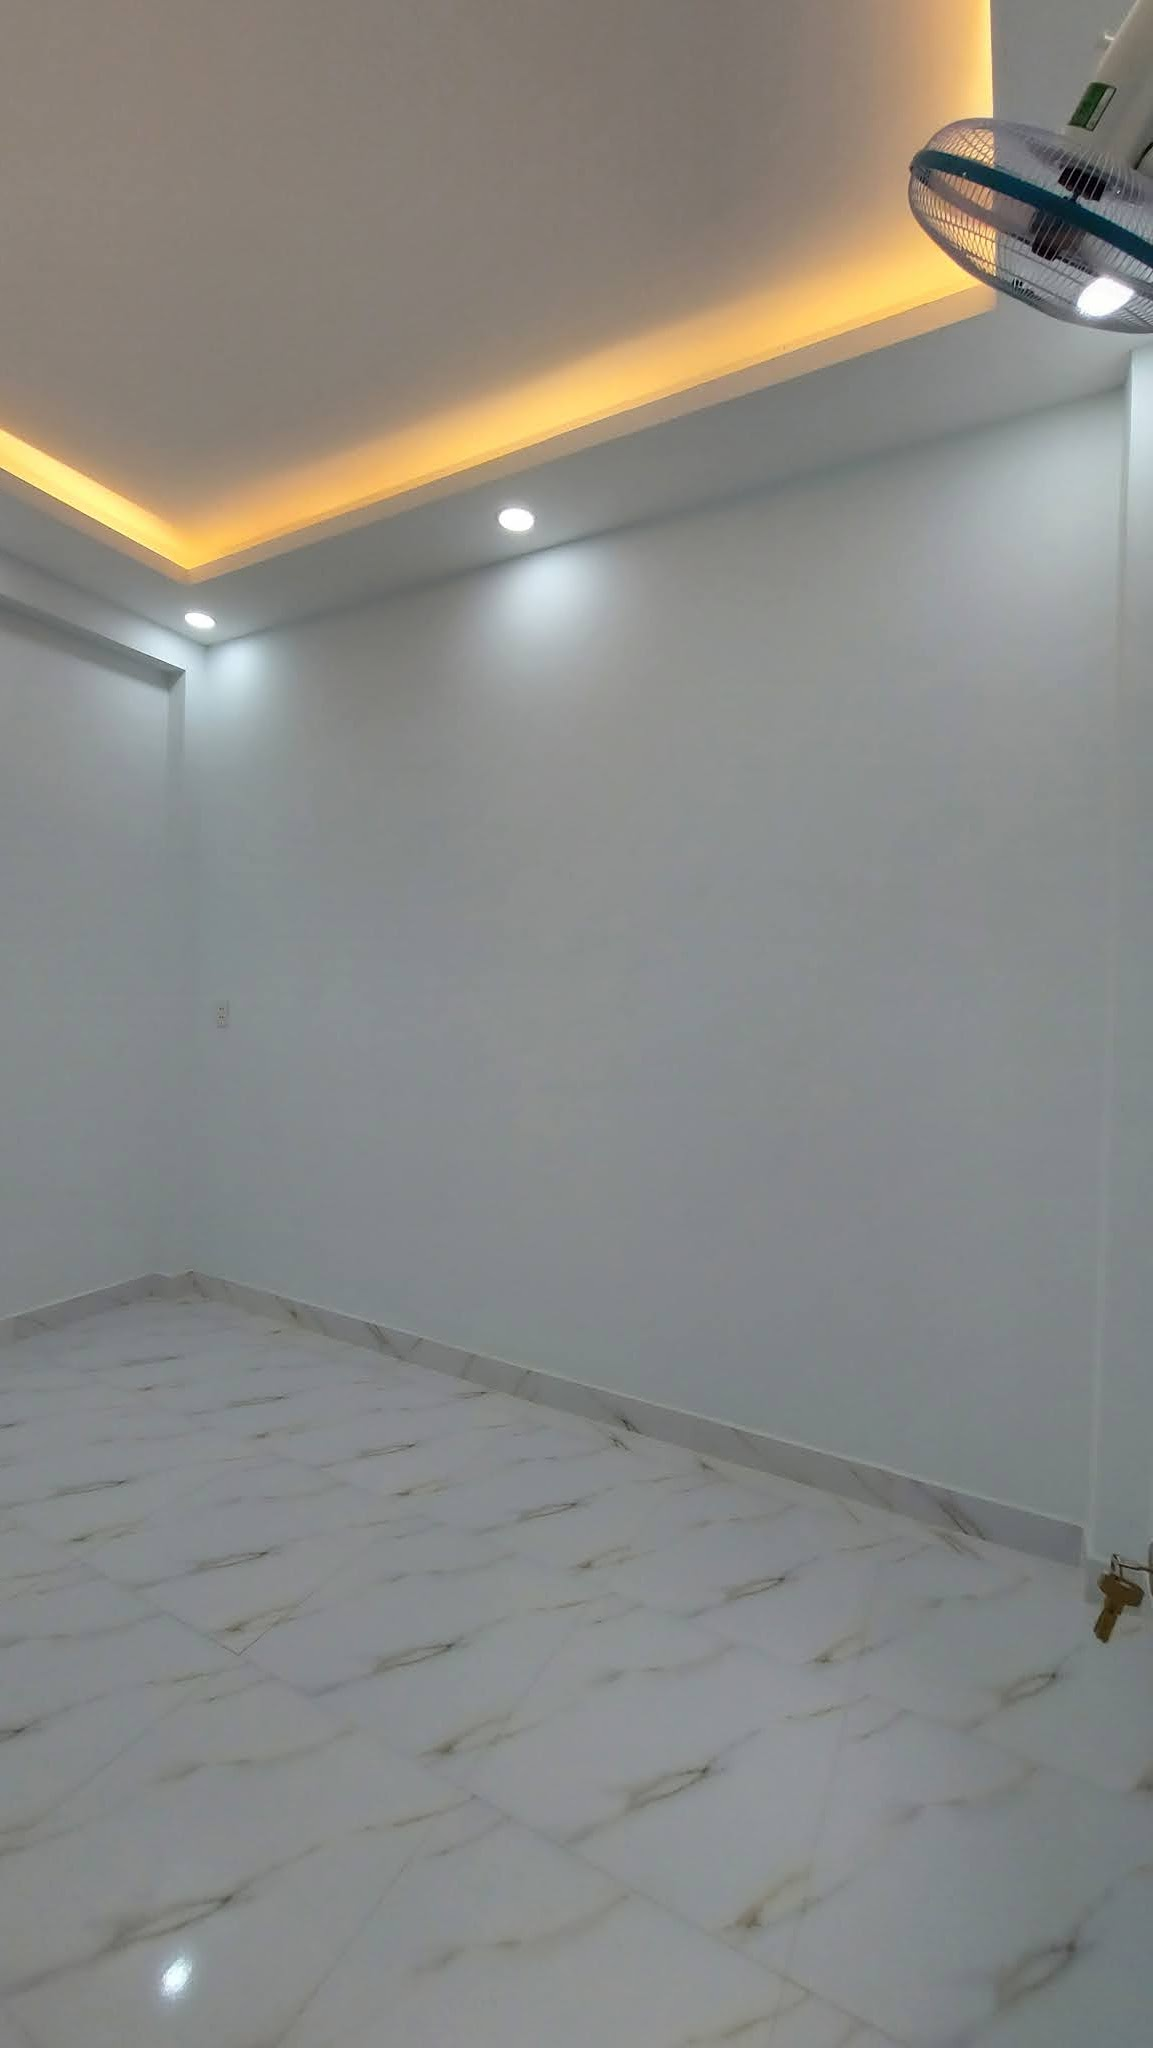 Bán nhà 1 lầu mới xây hẻm 2889 Phạm Thế Hiển phường 7 Quận 8 dưới 5 tỷ